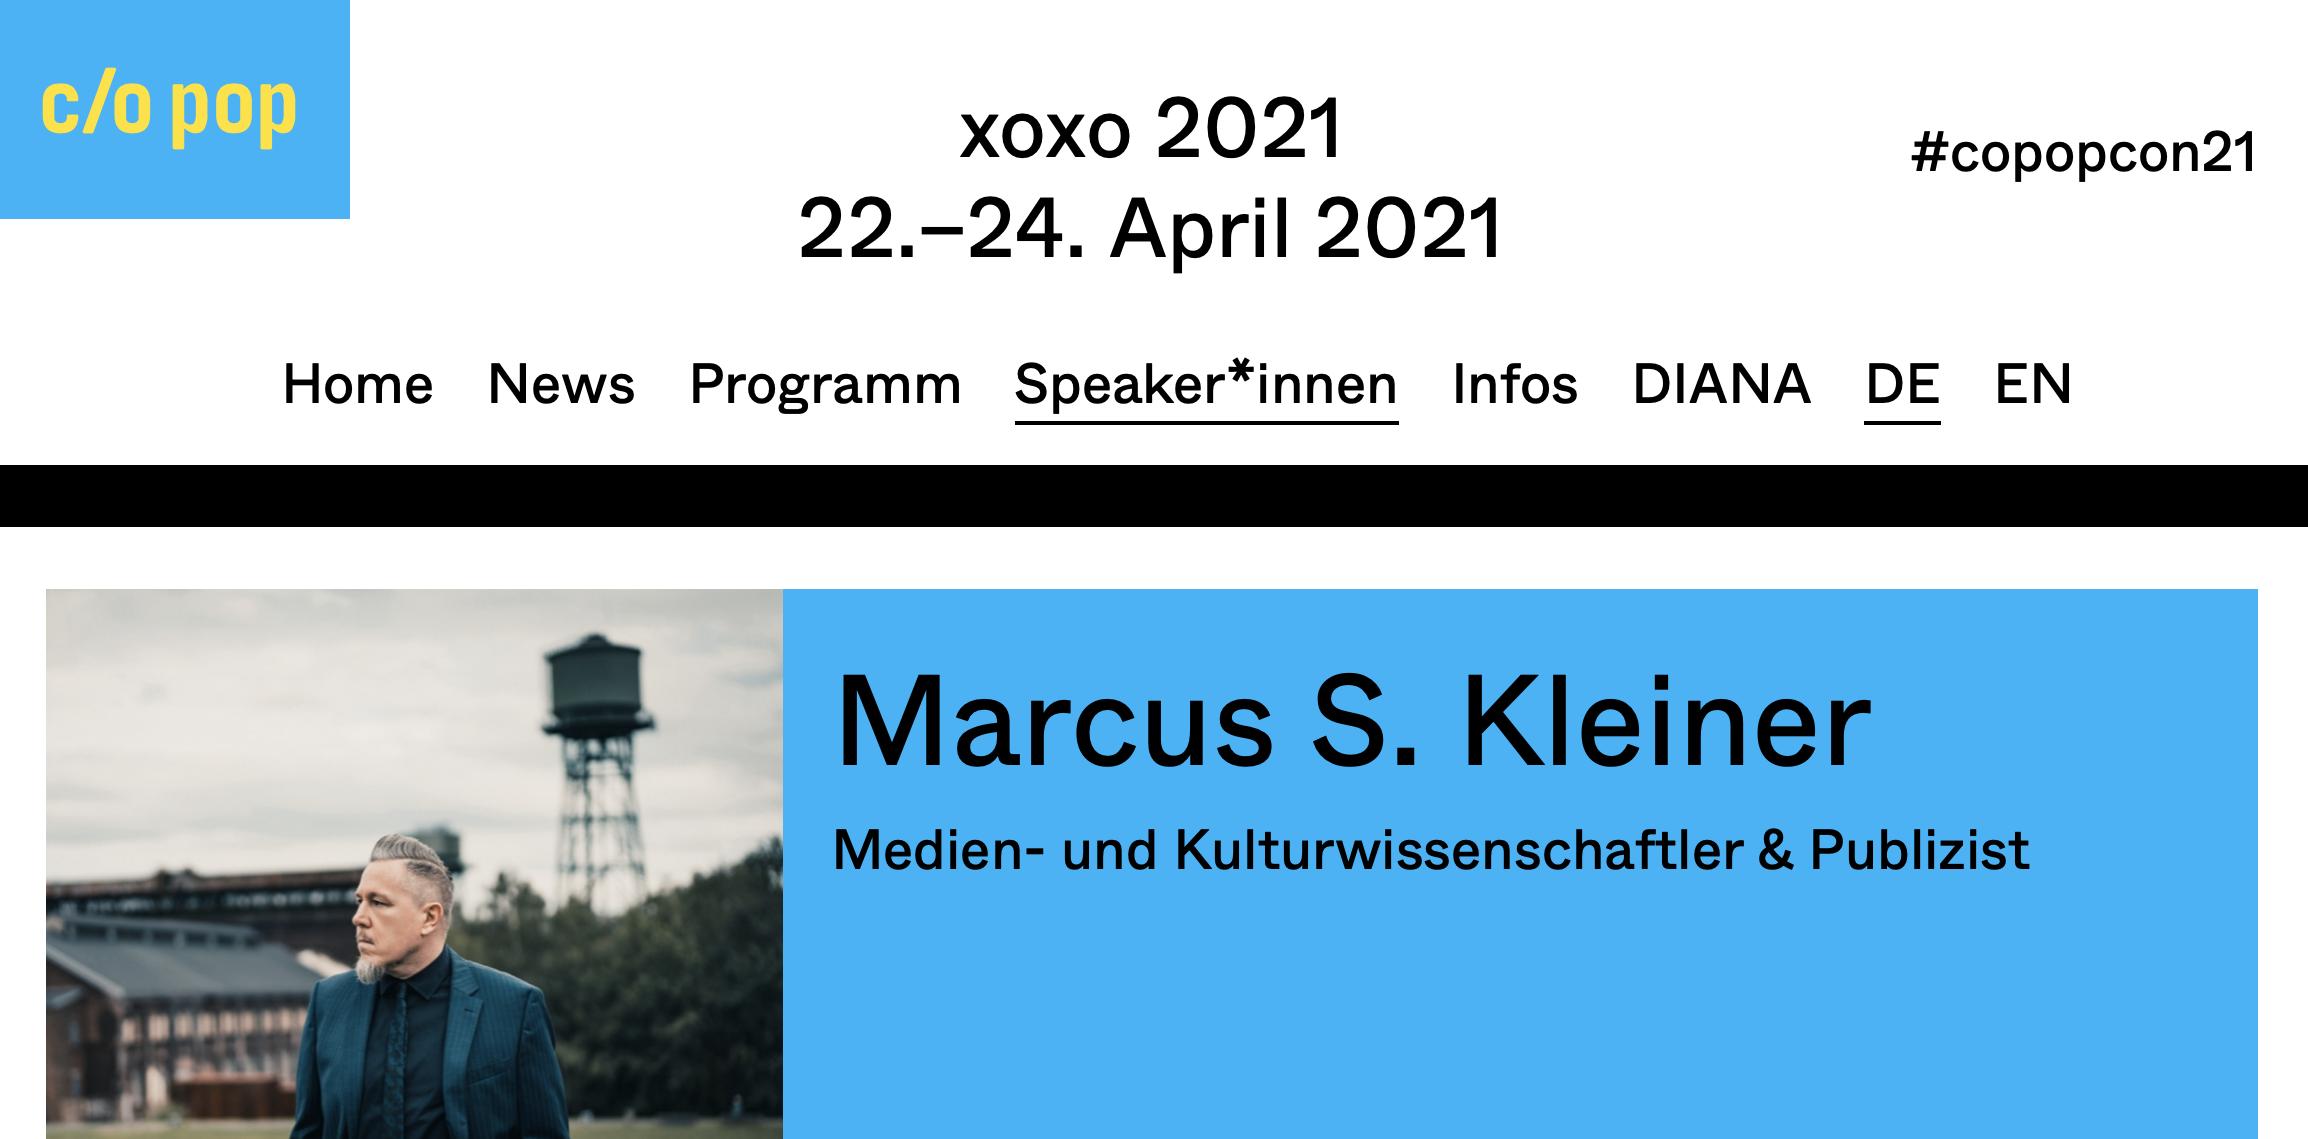 c/o pop xoxo - Convention. Pop, Politik und Gesellschaft Marcus S. Kleiner